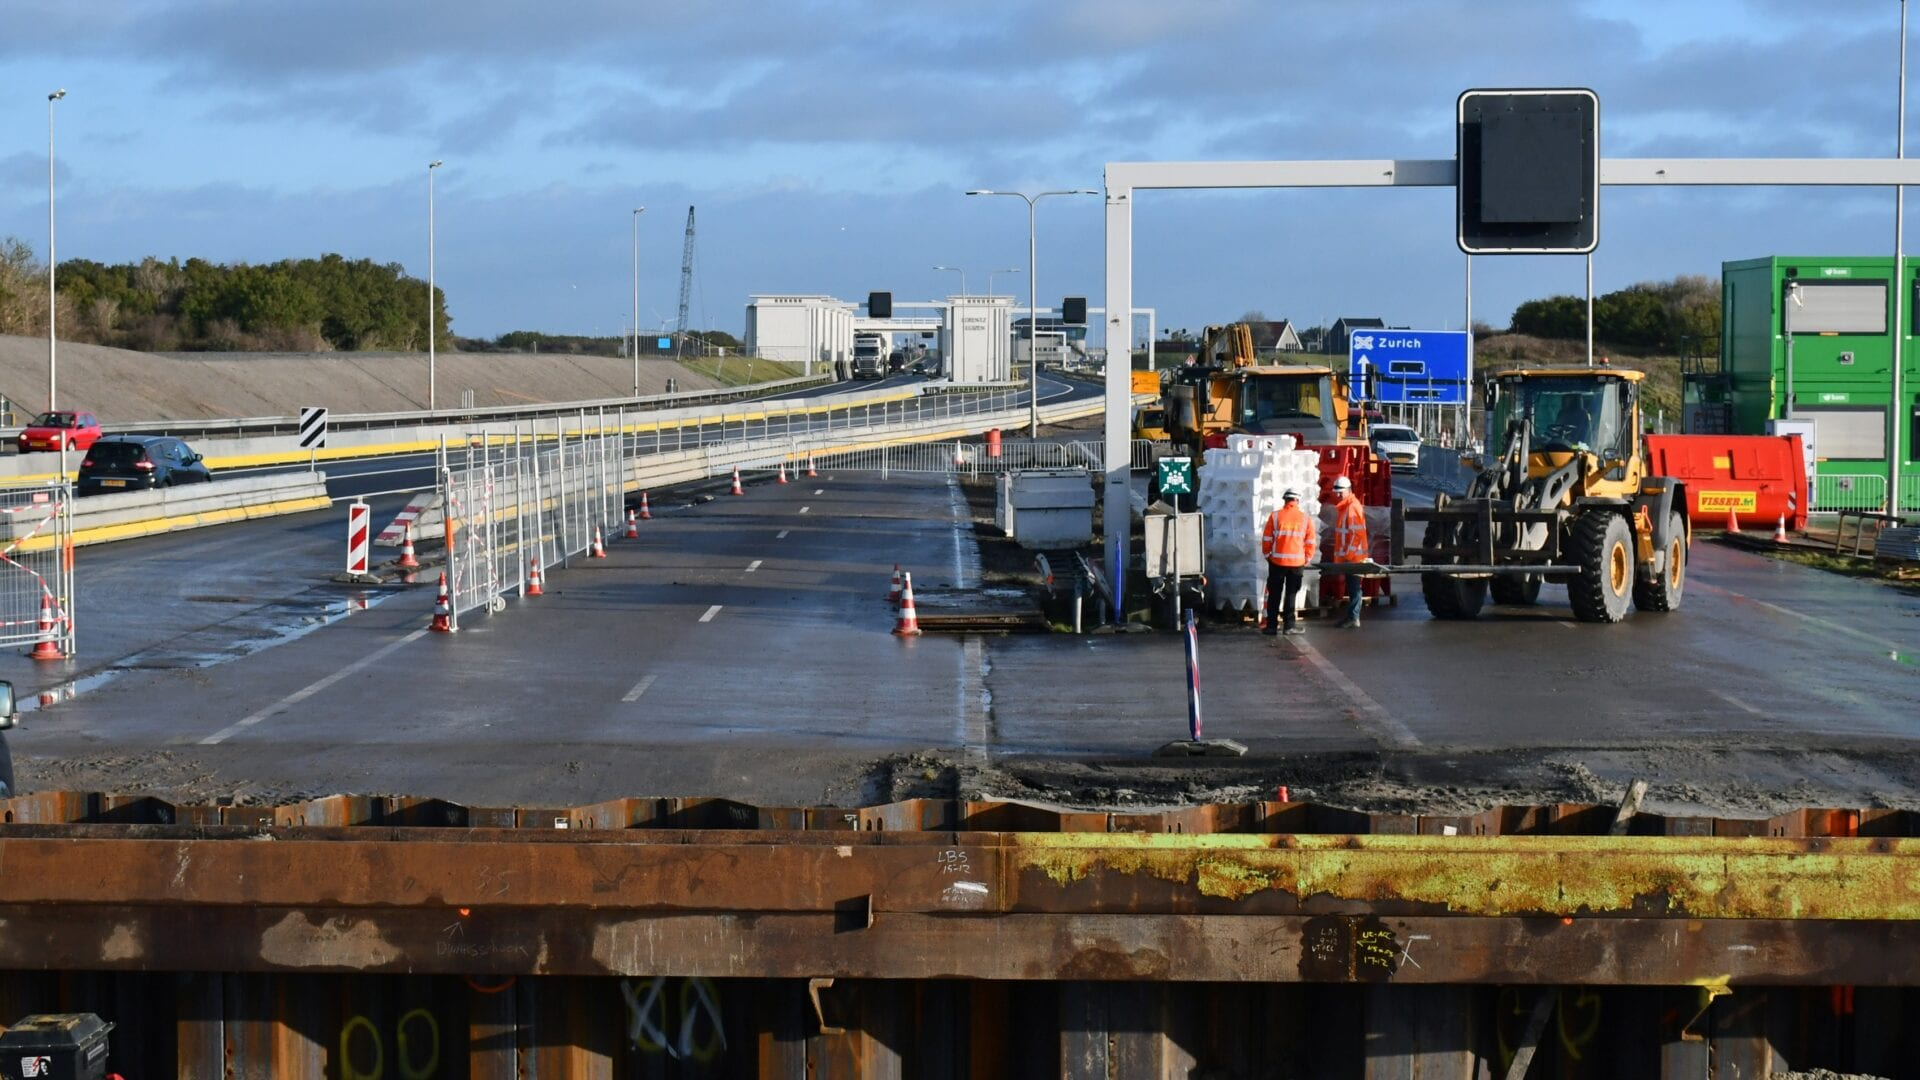 Coupure Vismigratie Rivier; het verkeer op de A7 is over de bypass geleid, zodat de bouwkuip voor de coupure / doorgang door de dijk aan de kant van het IJsselmeer gebouwd kan worden.